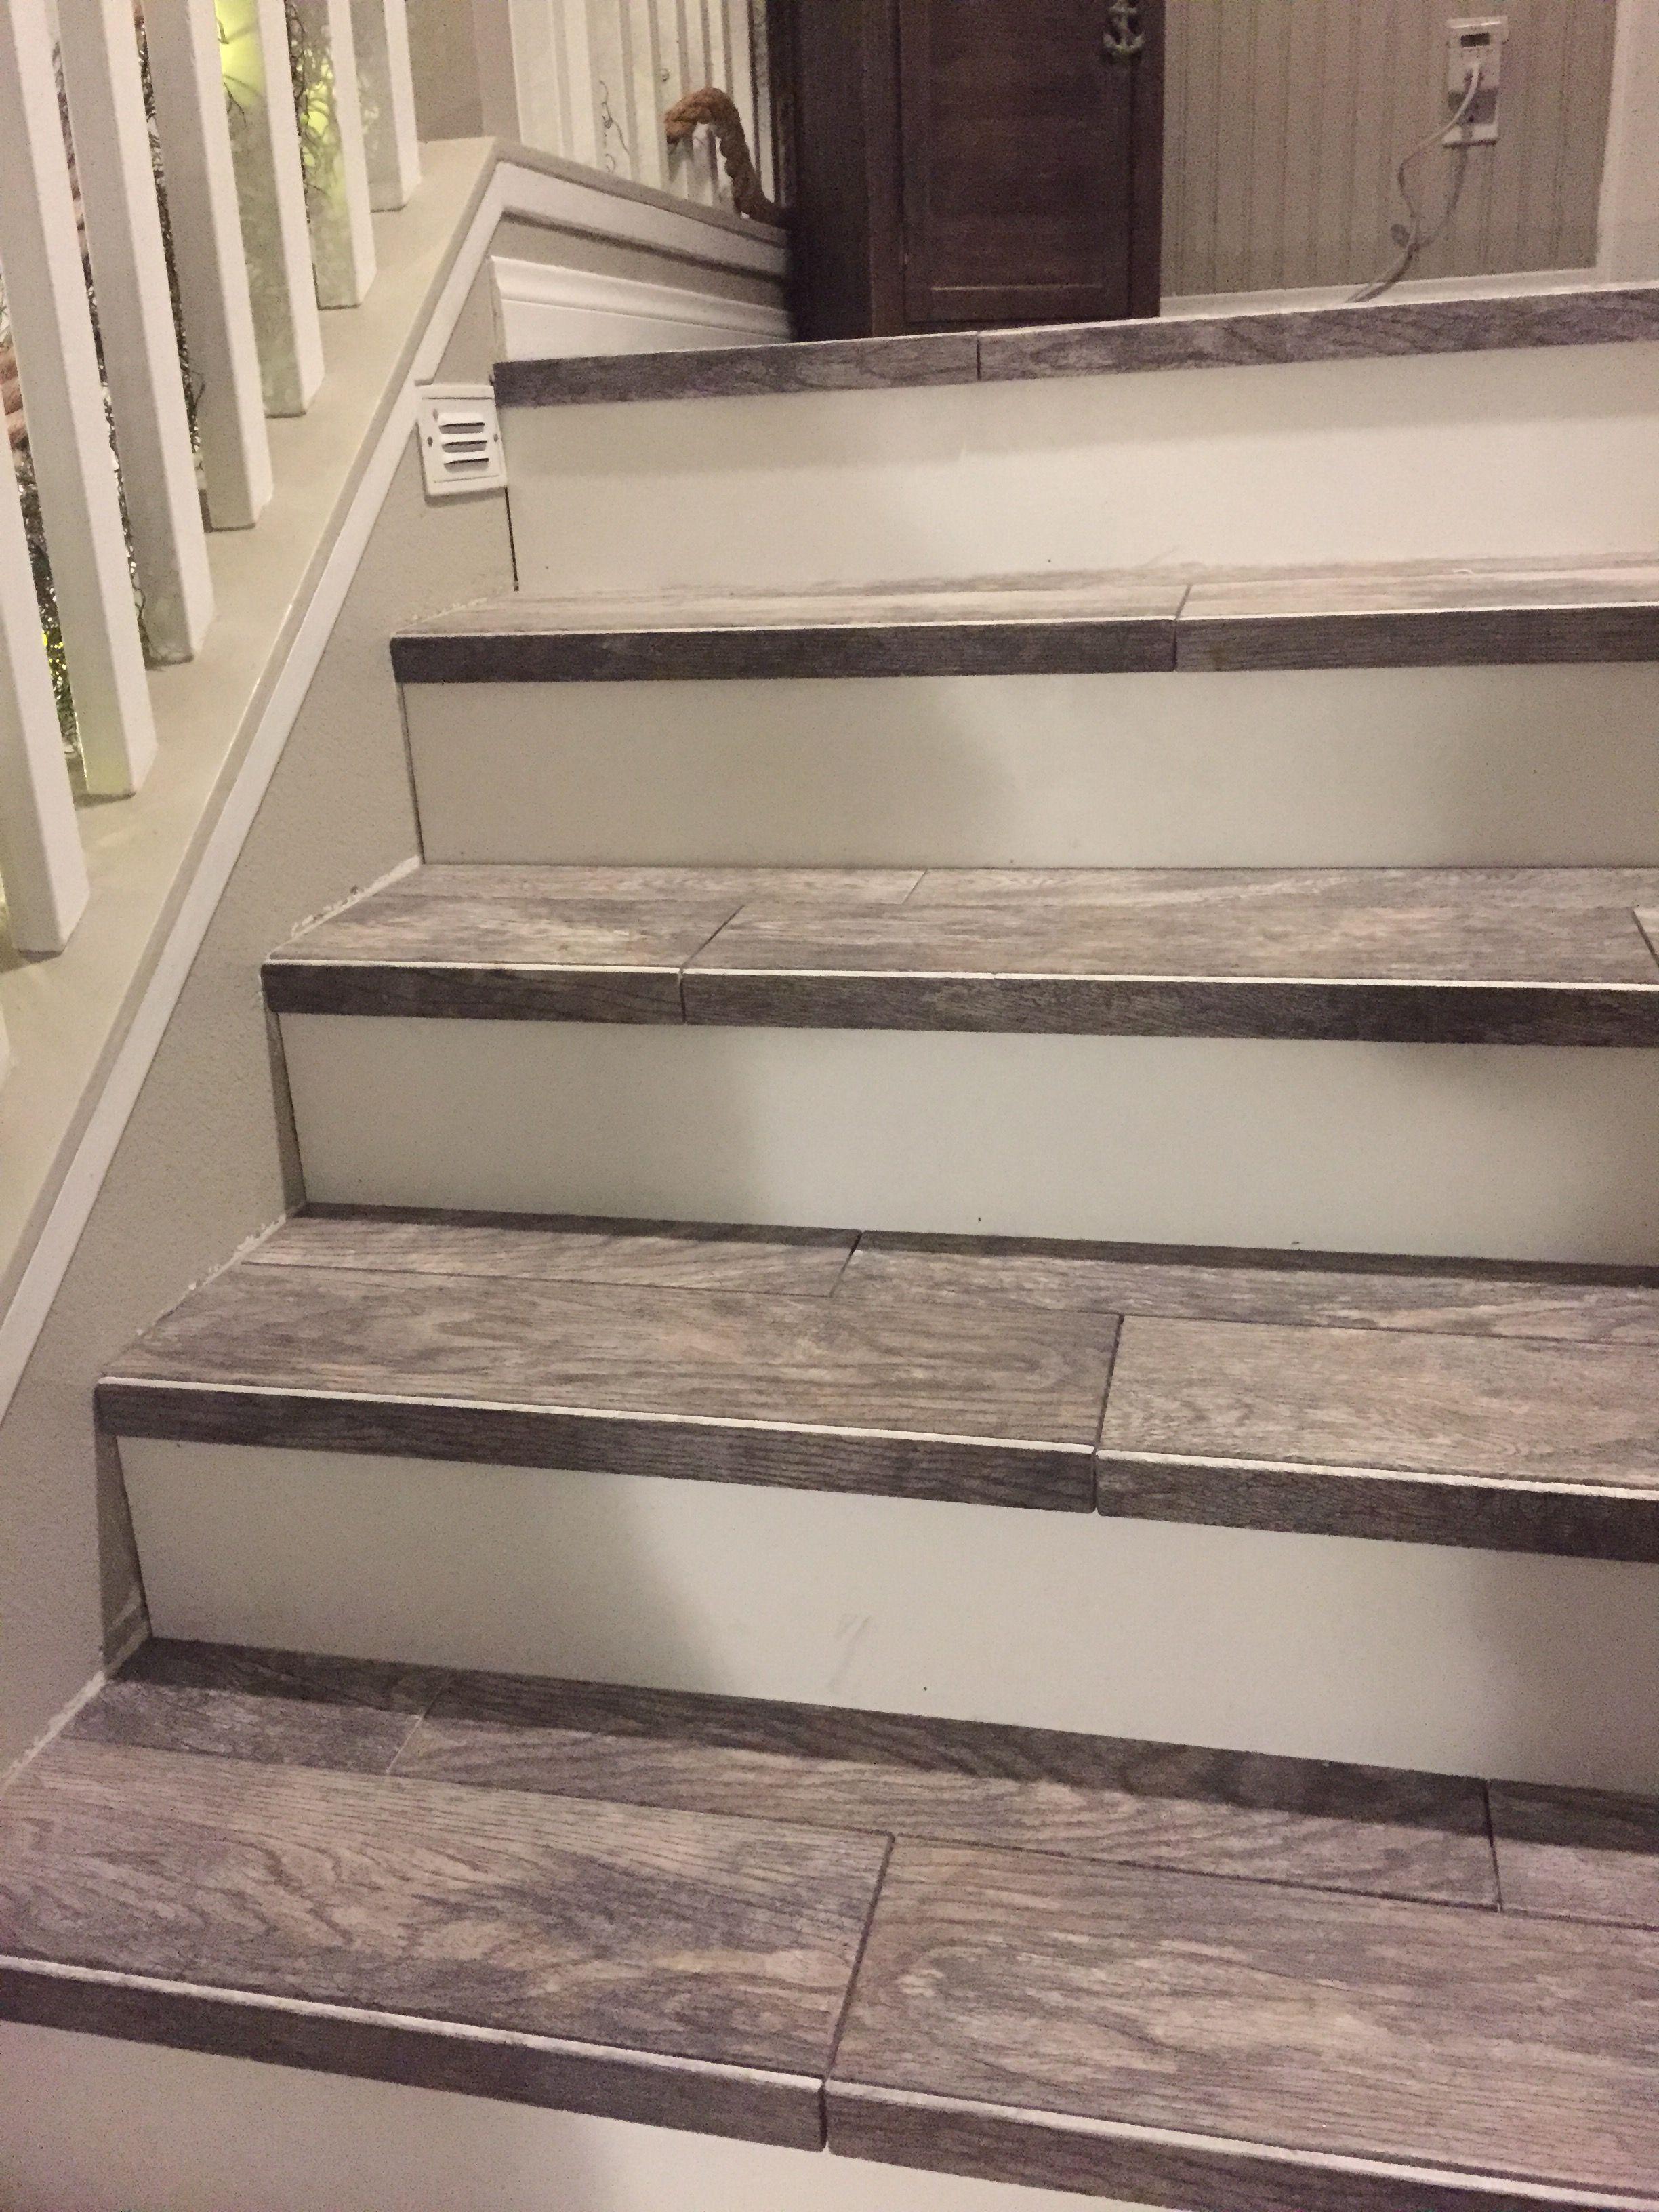 Wood Look Tiled Stair Case Diy Stairs Tile Stairs Stair Remodel | Stairs Floor Tiles Design | Step | Shop | Stair Riser | Wood | Stair Flooring